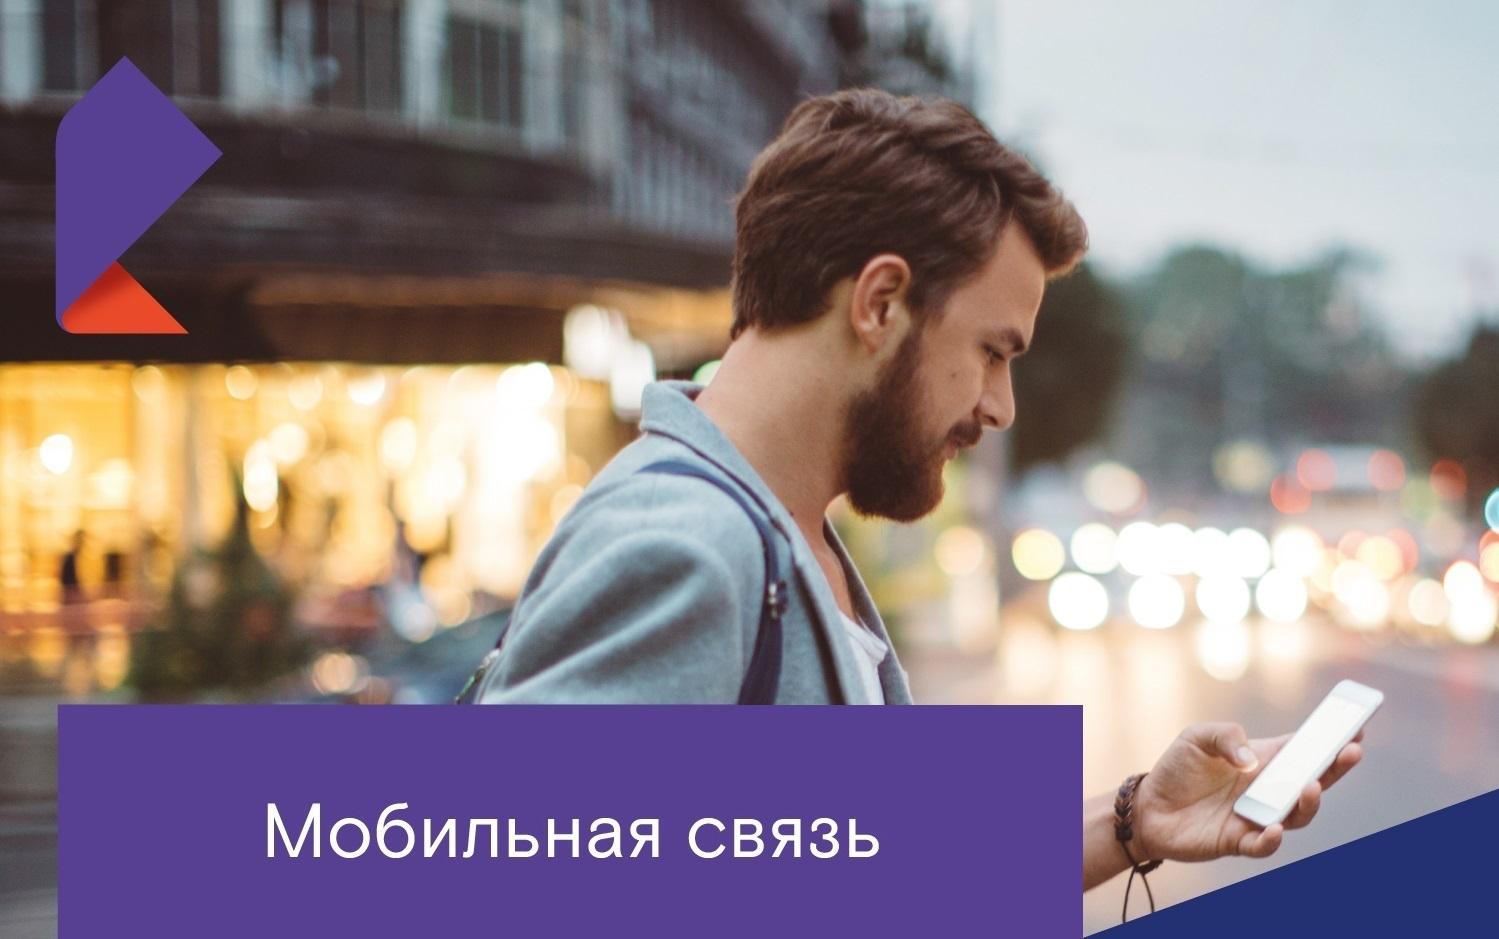 Ростелеком закрывает свои тарифы на мобильную связь. Хотите мобильную связь берите домашний интернет 1